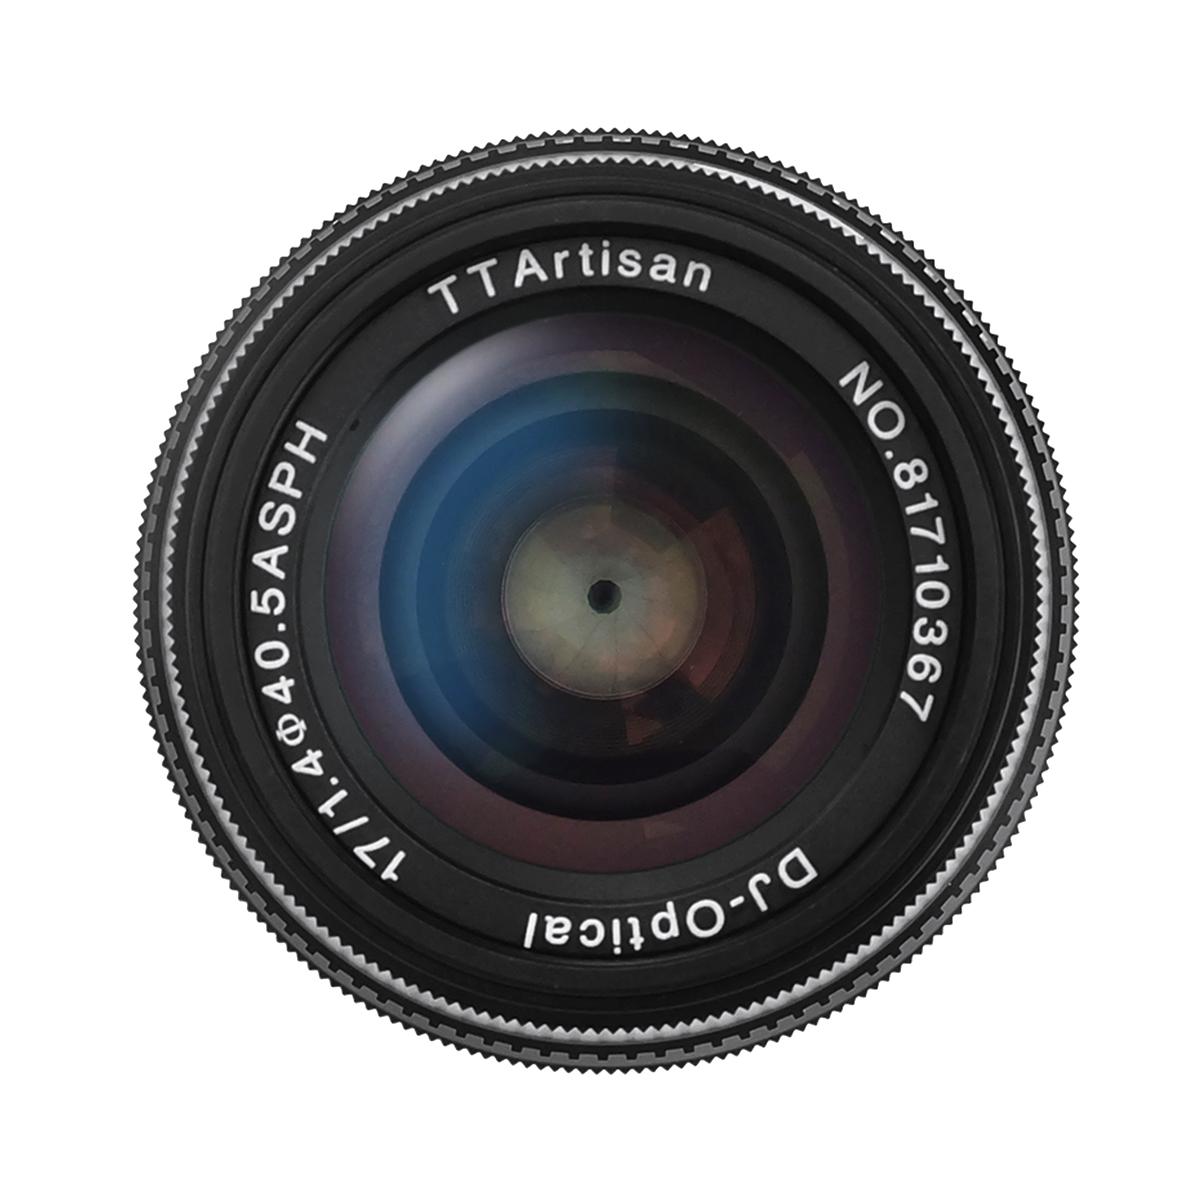 銘匠光学 TTArtisan 17mm f/1.4 C ASPH 【直販限定モデル】